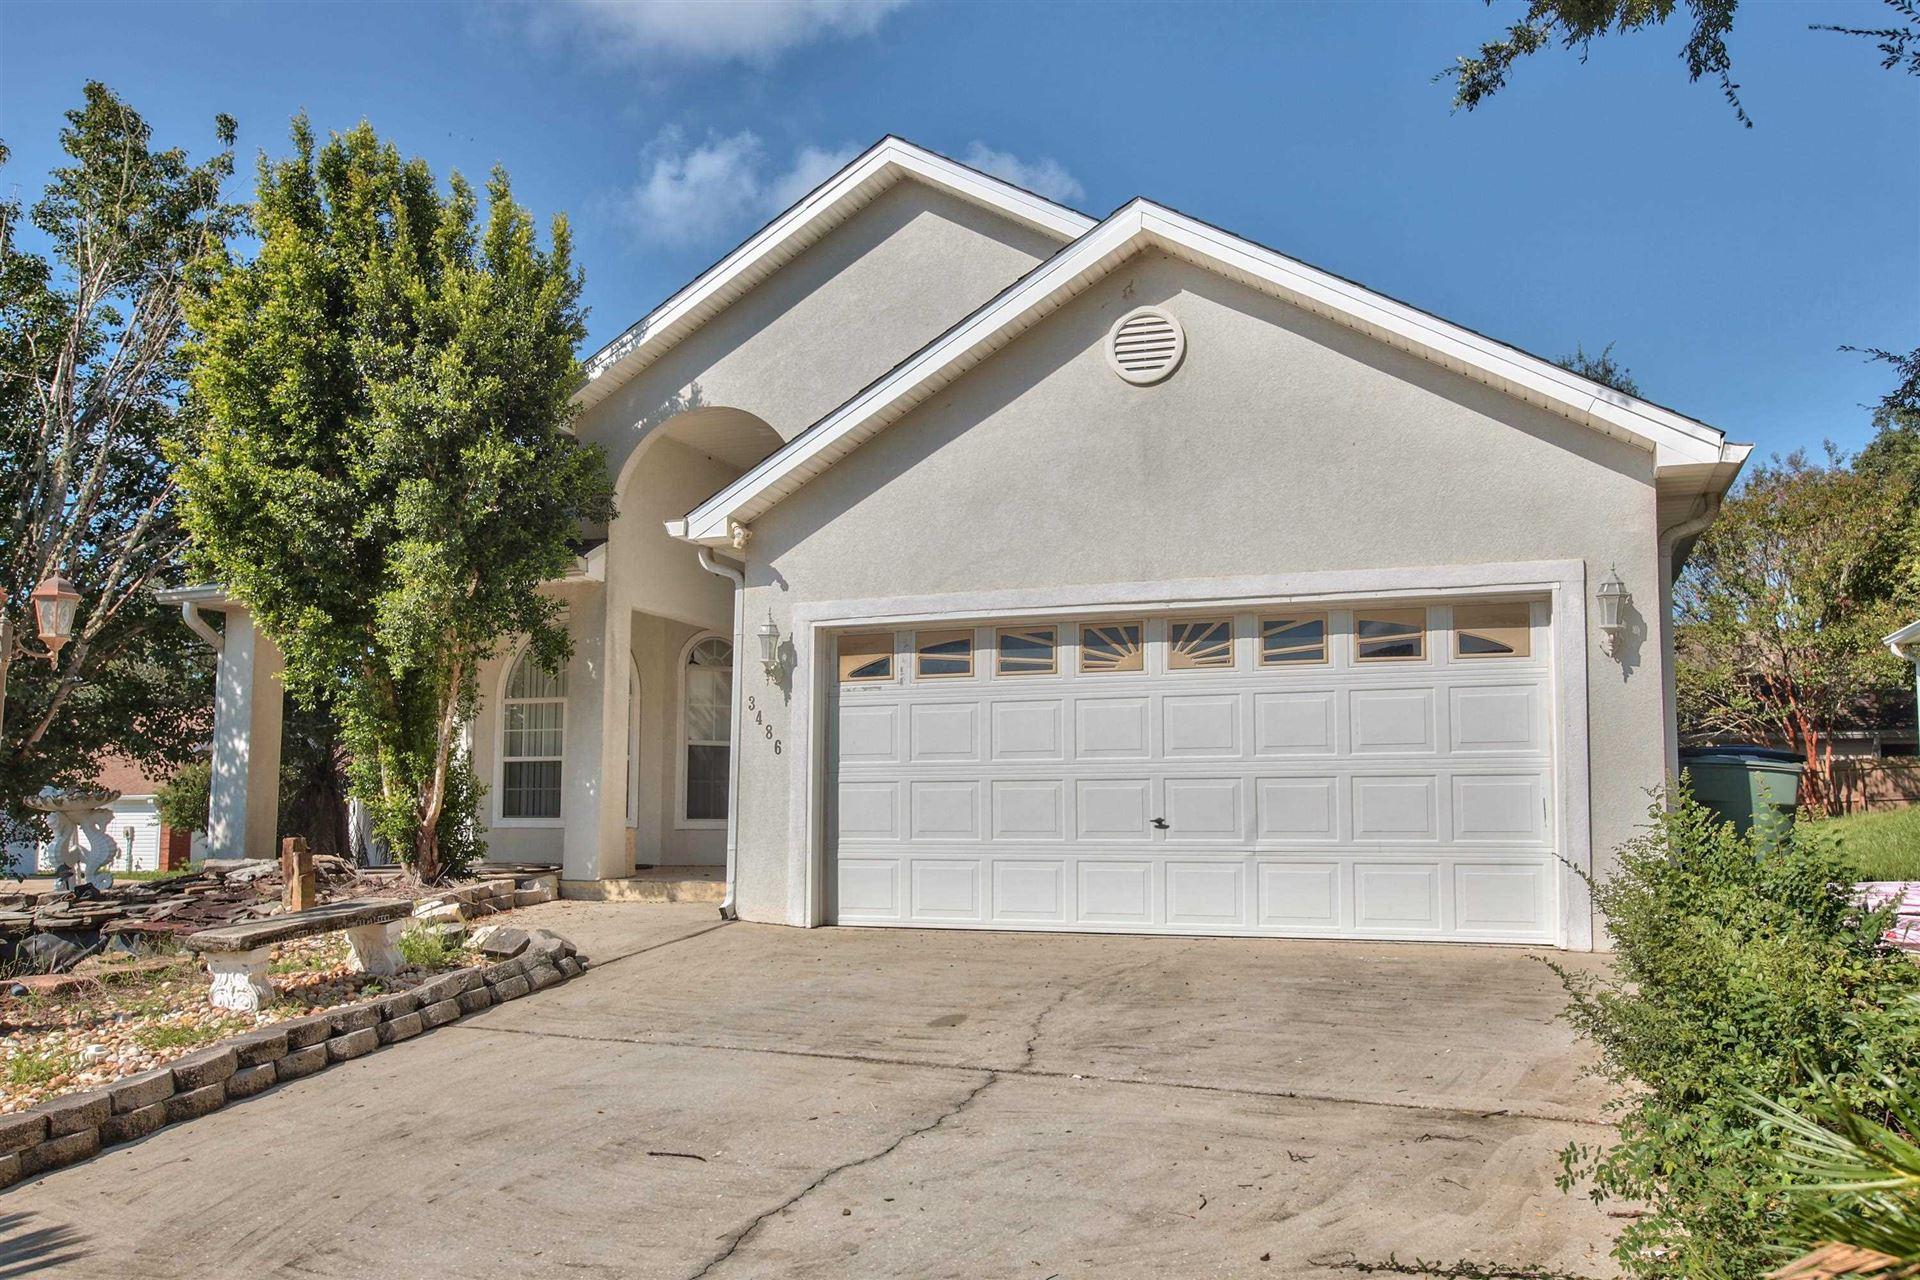 3486 Lands End Lane, Tallahassee, FL 32317 - MLS#: 338305